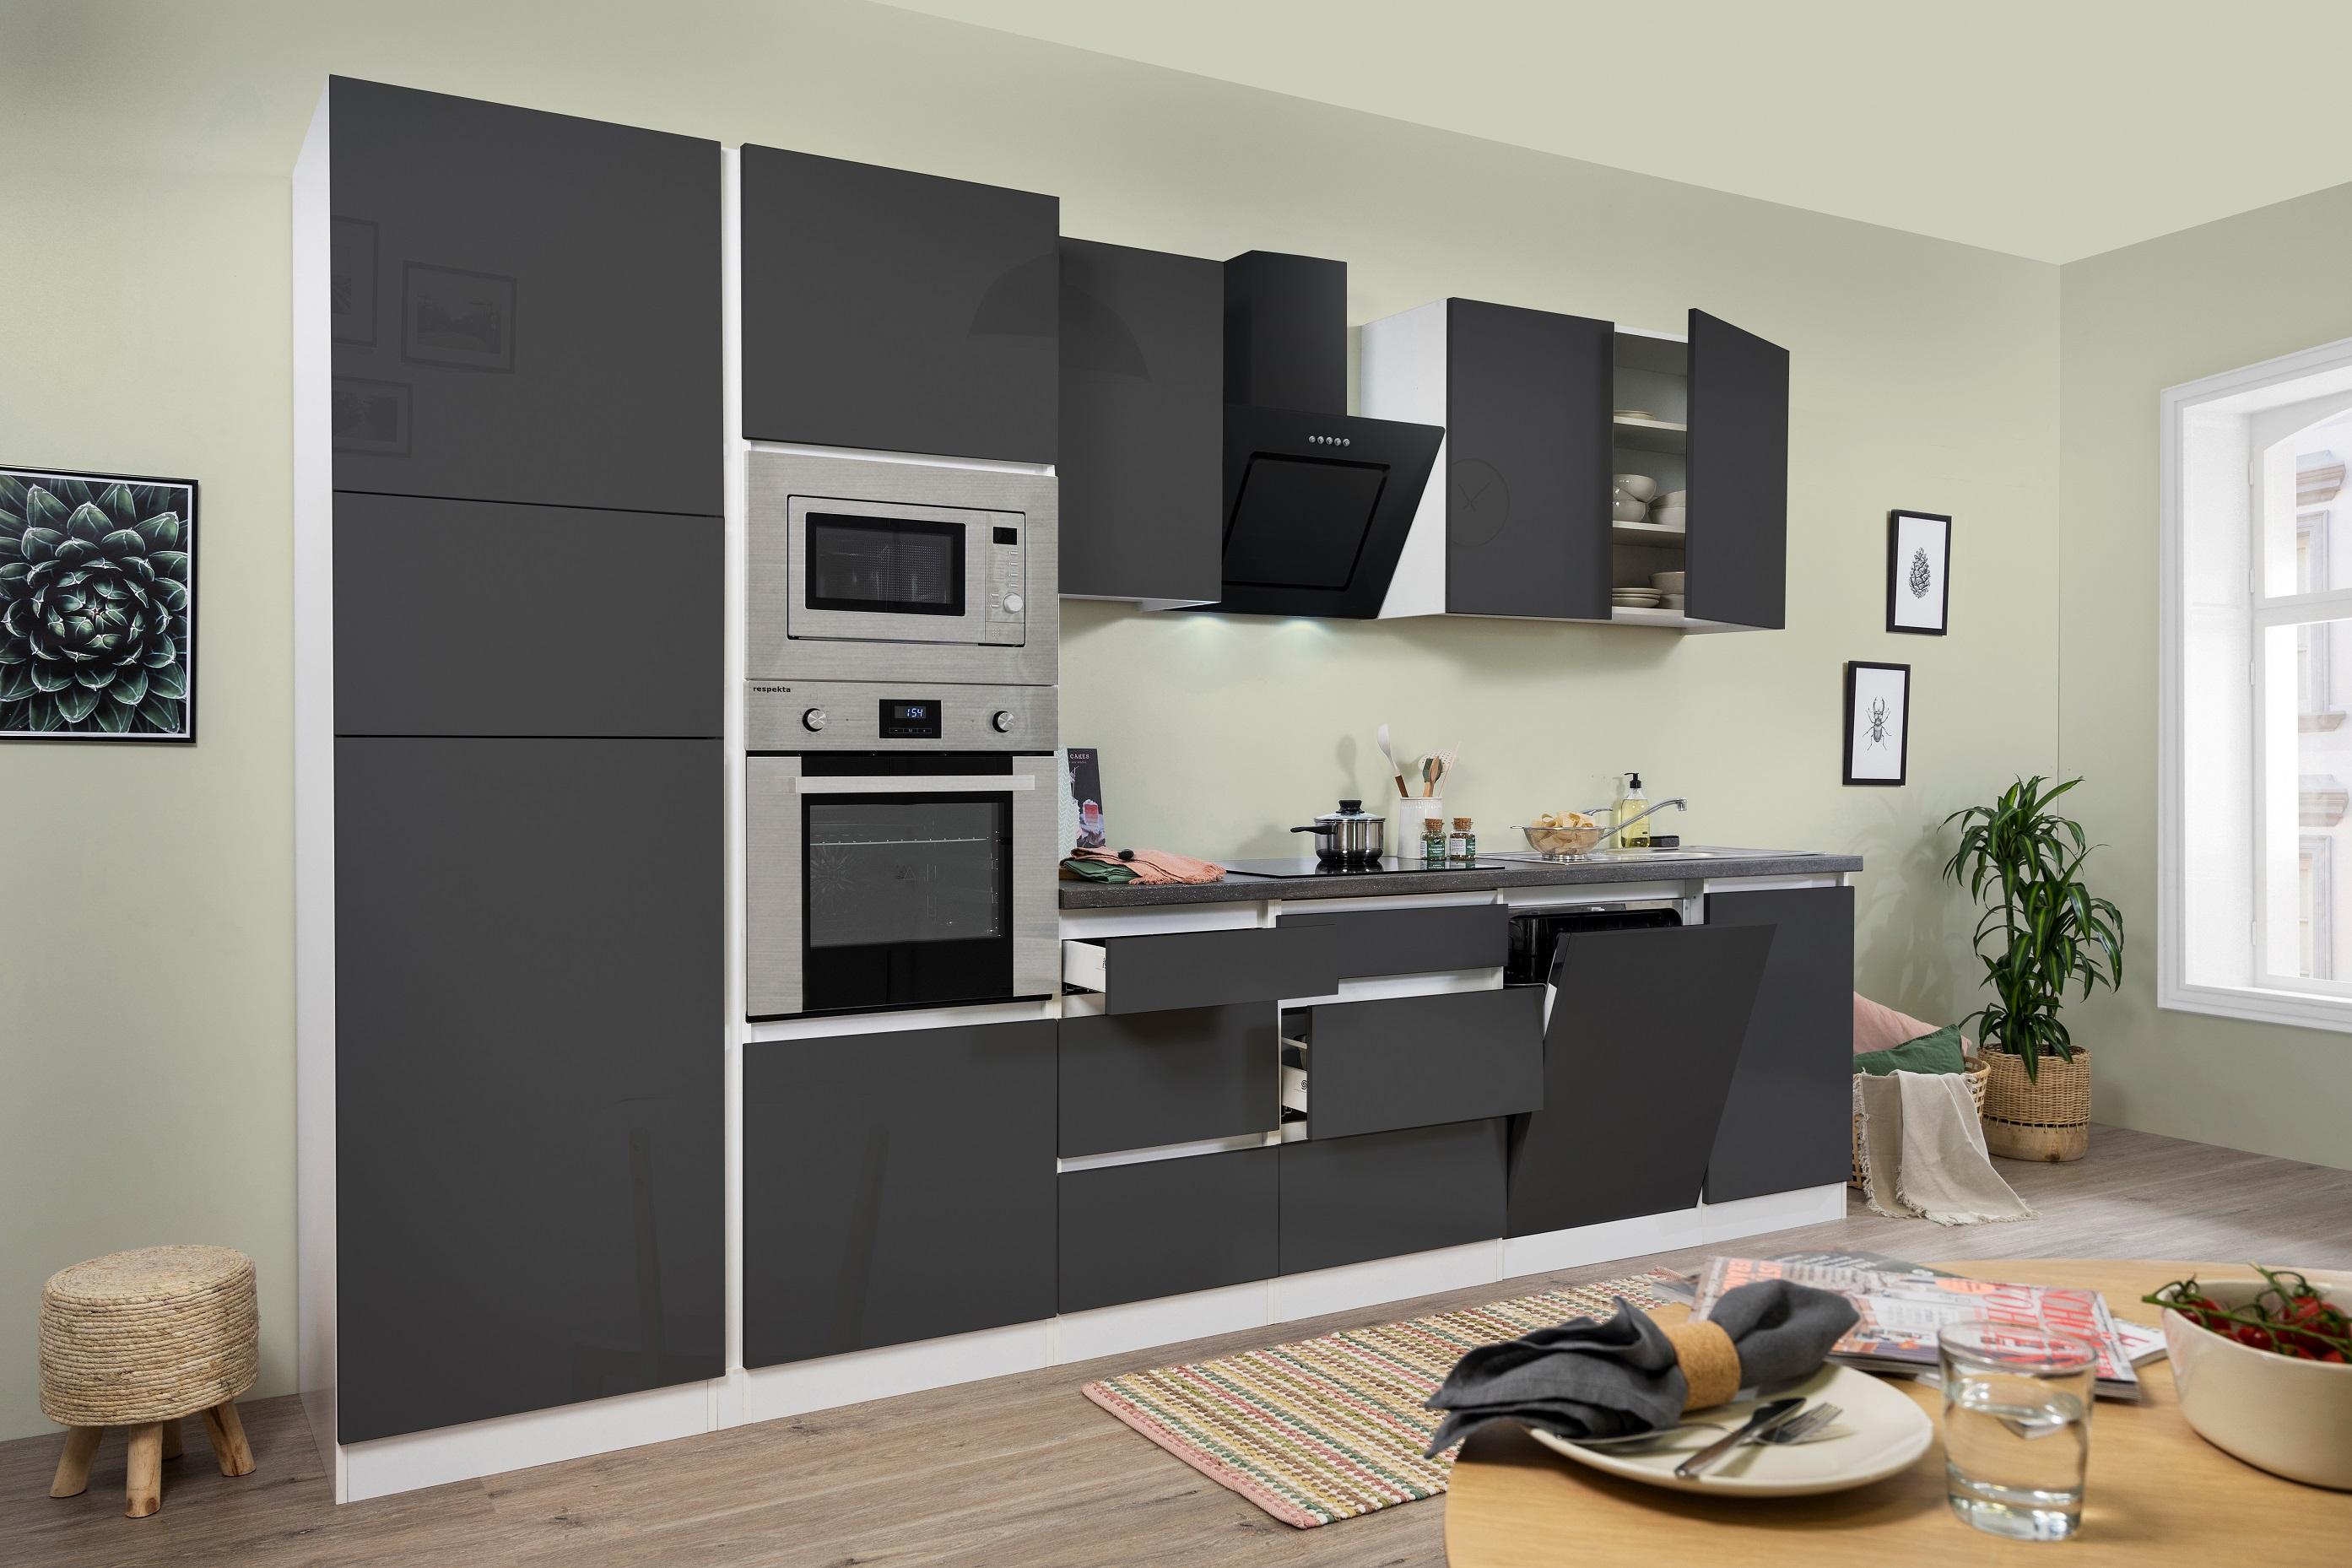 respekta Küche Küchenzeile Küchenblock grifflose Einbauküche 345 cm weiß grau